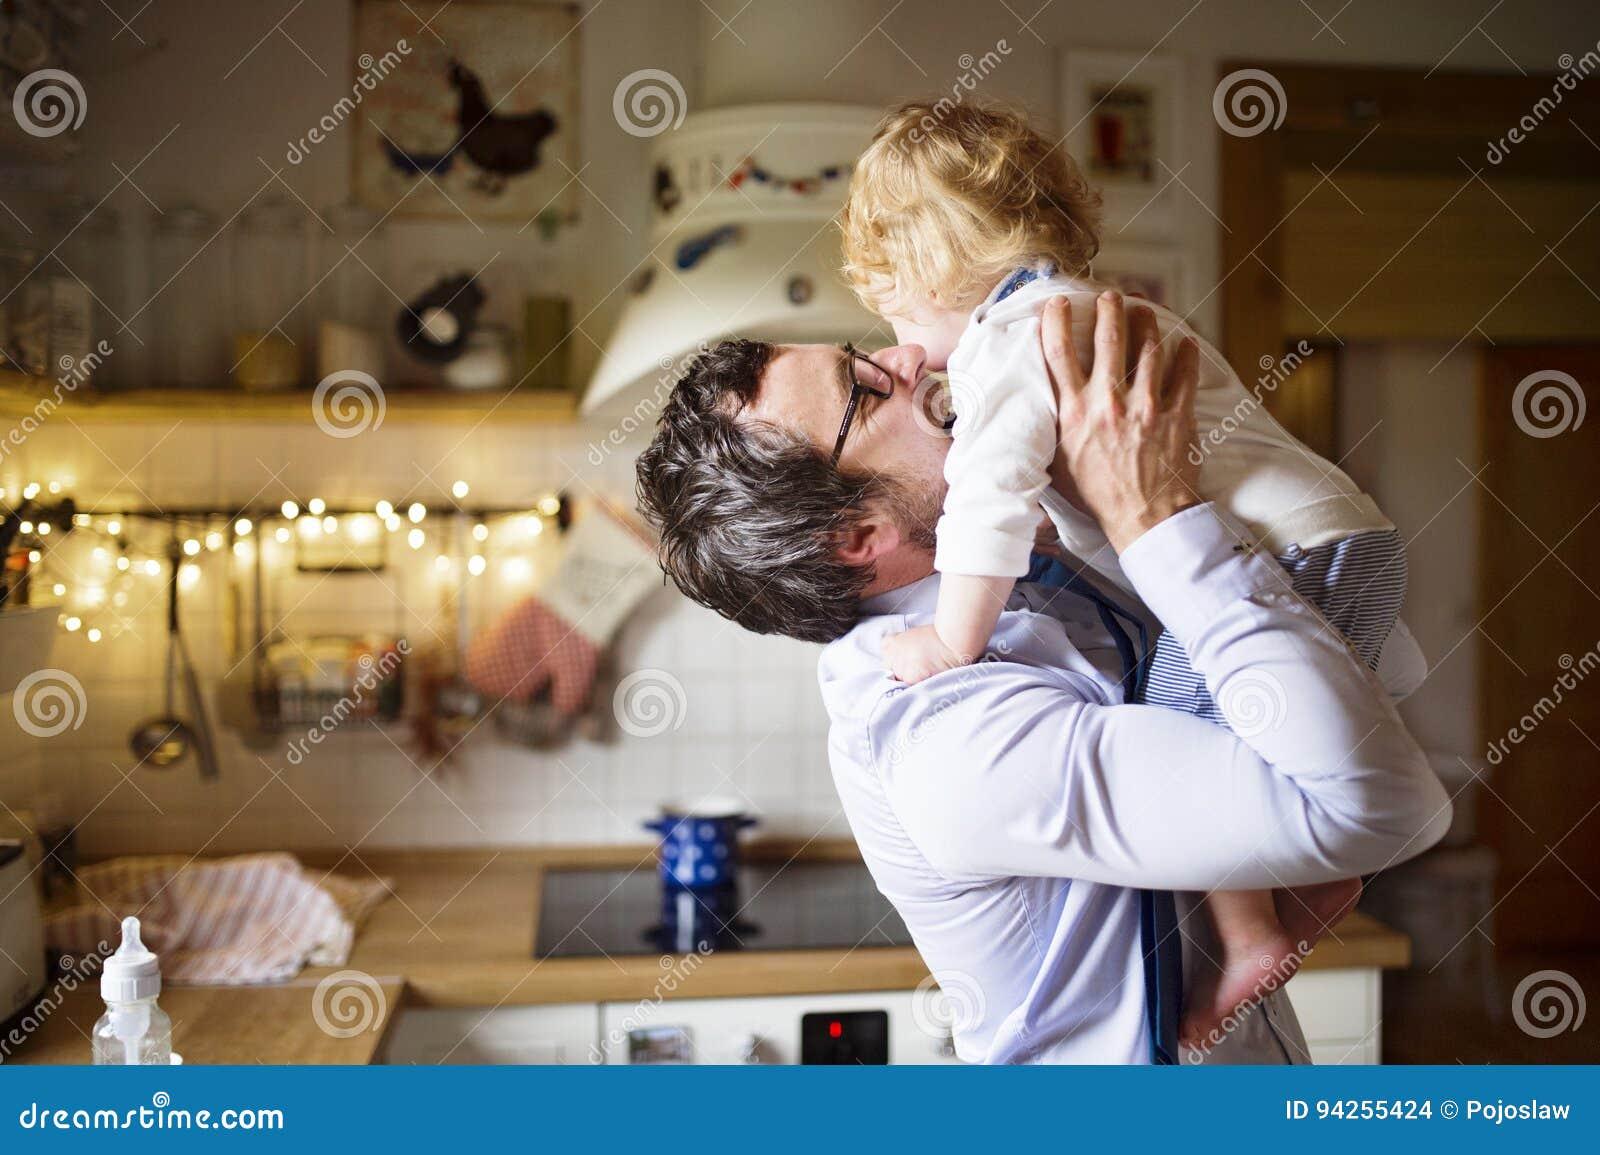 küssen auf der arbeit